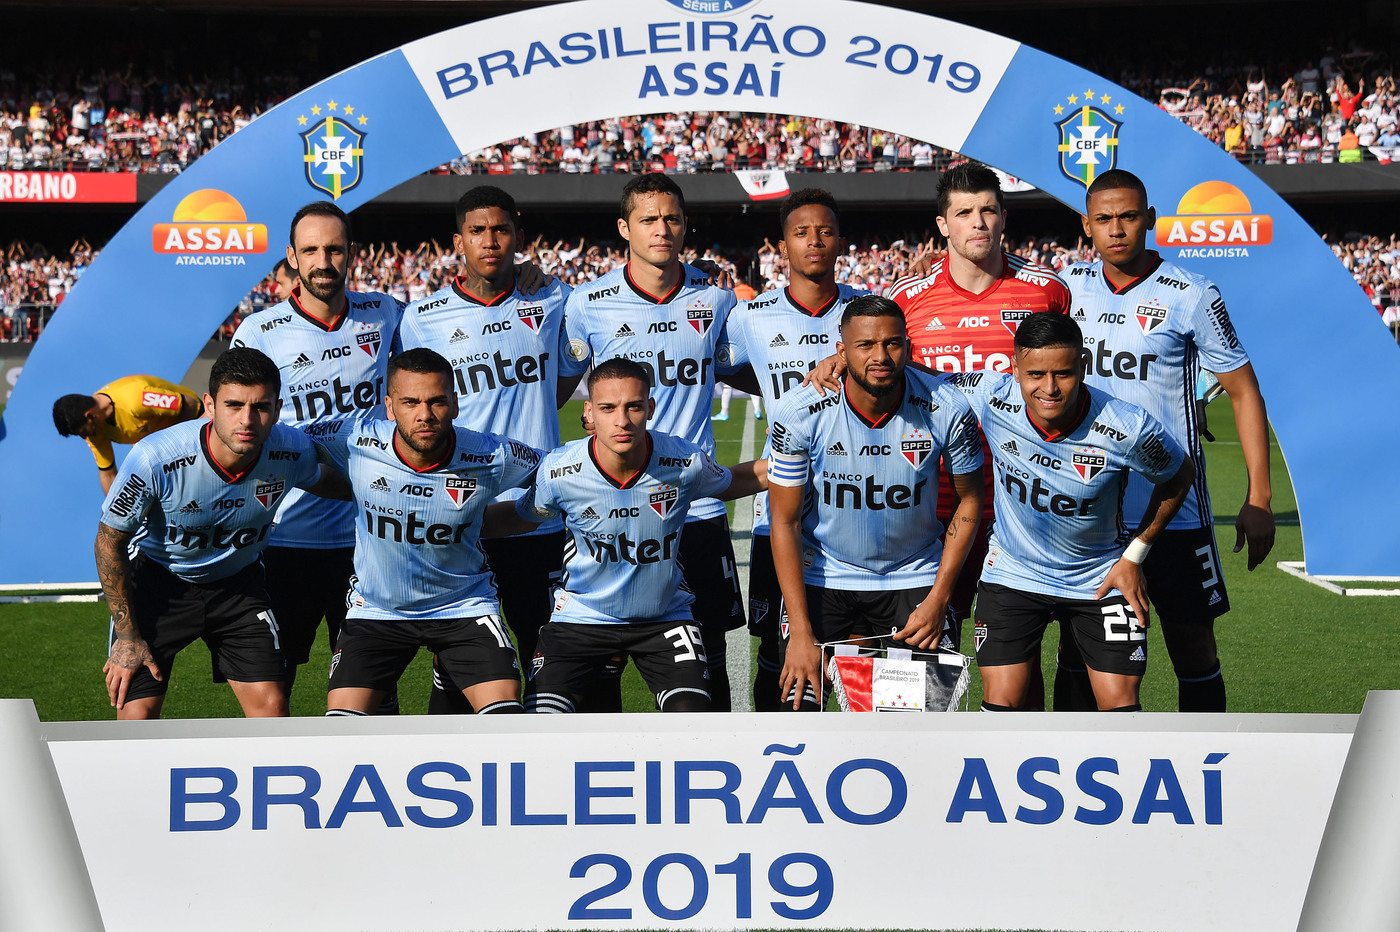 brasile-campeonato-paulista-pronostico-8-marzo-2020-analisi-e-pronostico